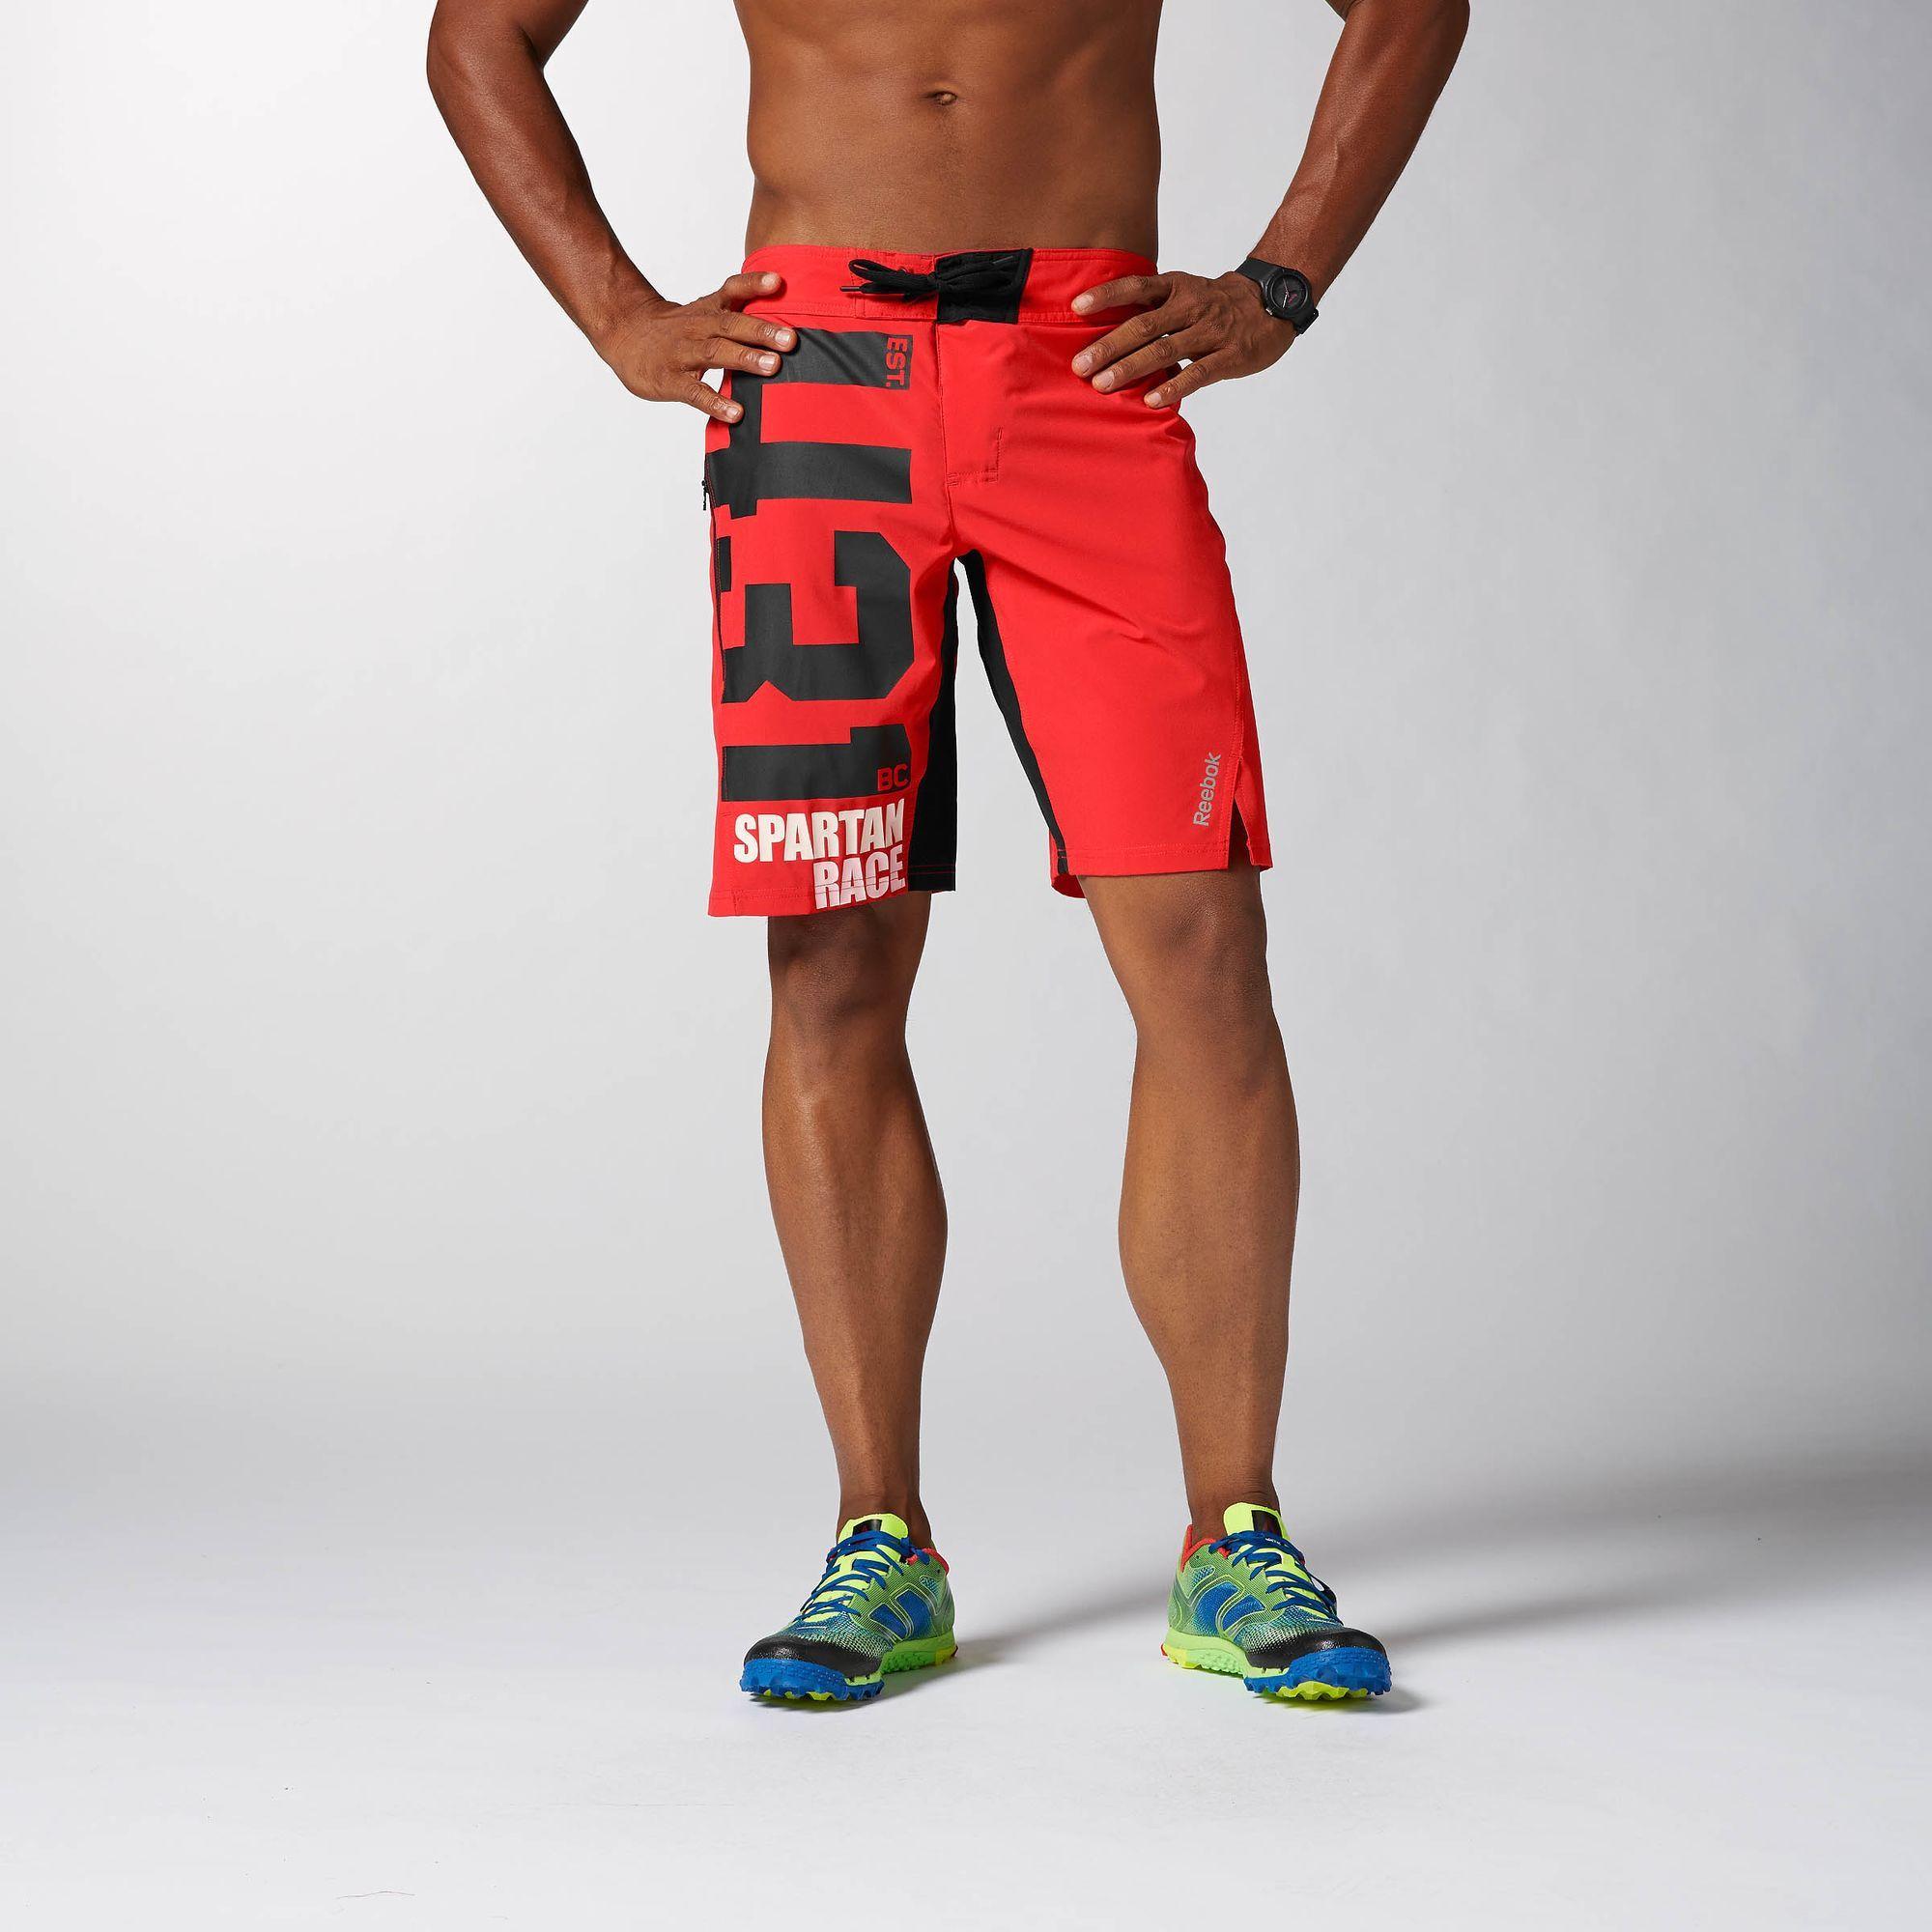 8cd9132bd9 Reebok - Reebok Spartan Board Short | Spartan Race | Reebok crossfit ...